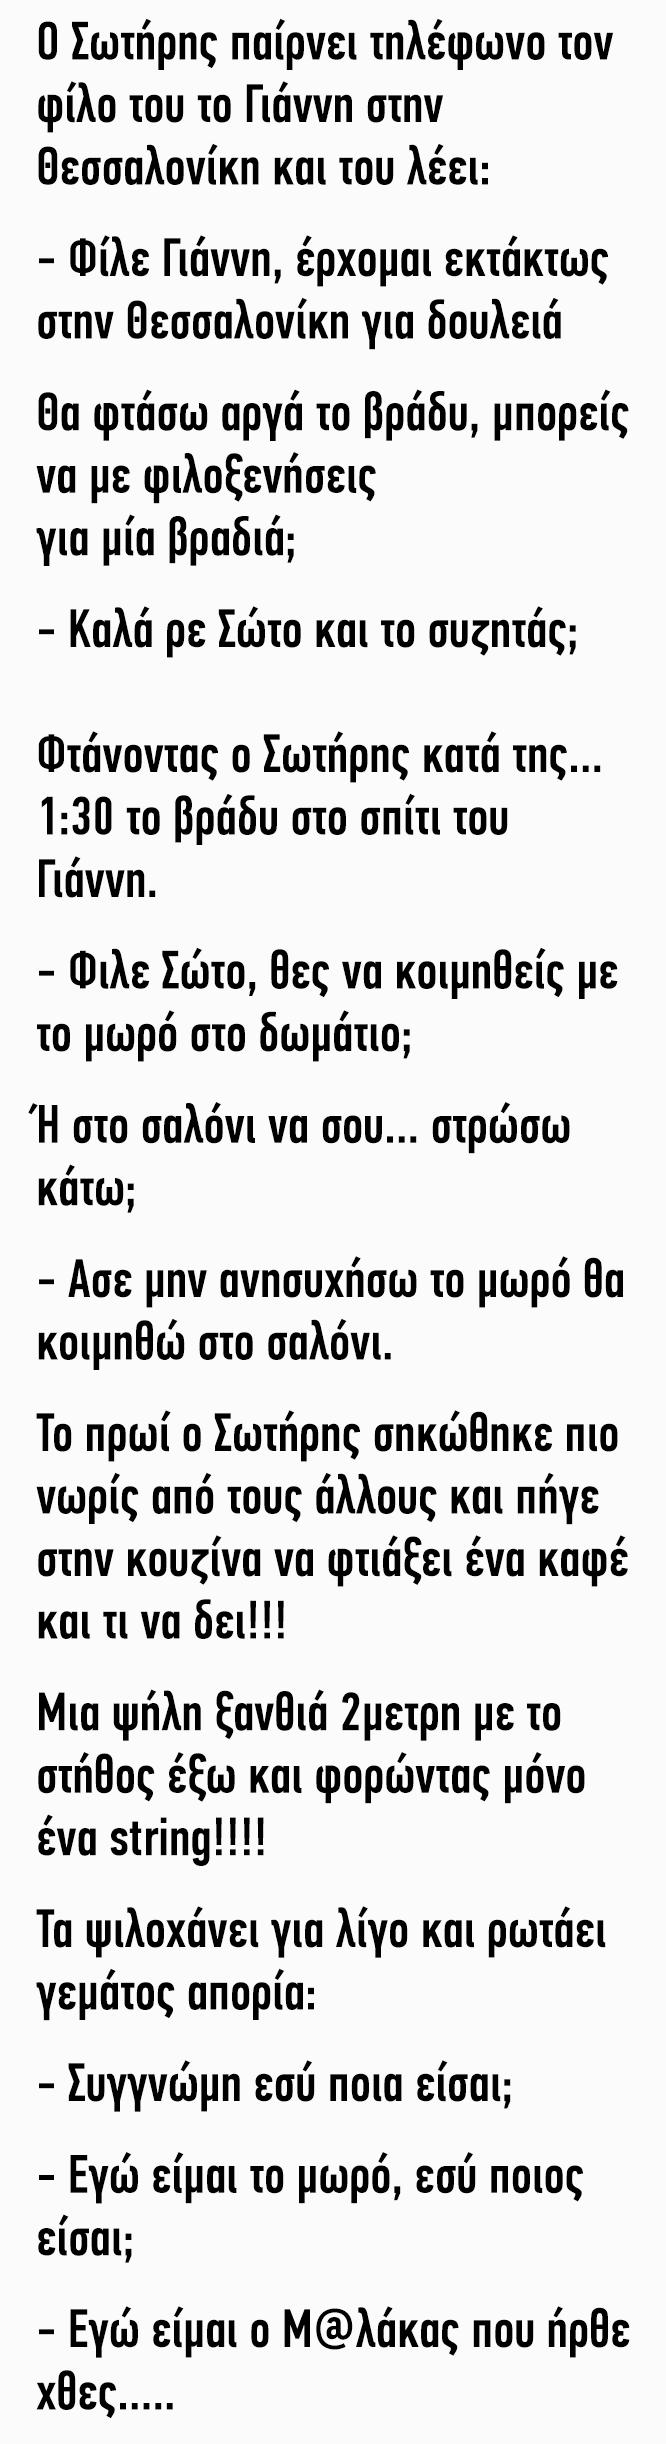 Ο Σωτήρης παίρνει τηλέφωνο τον φίλο του το Γιάννη στην Θεσσαλονίκη